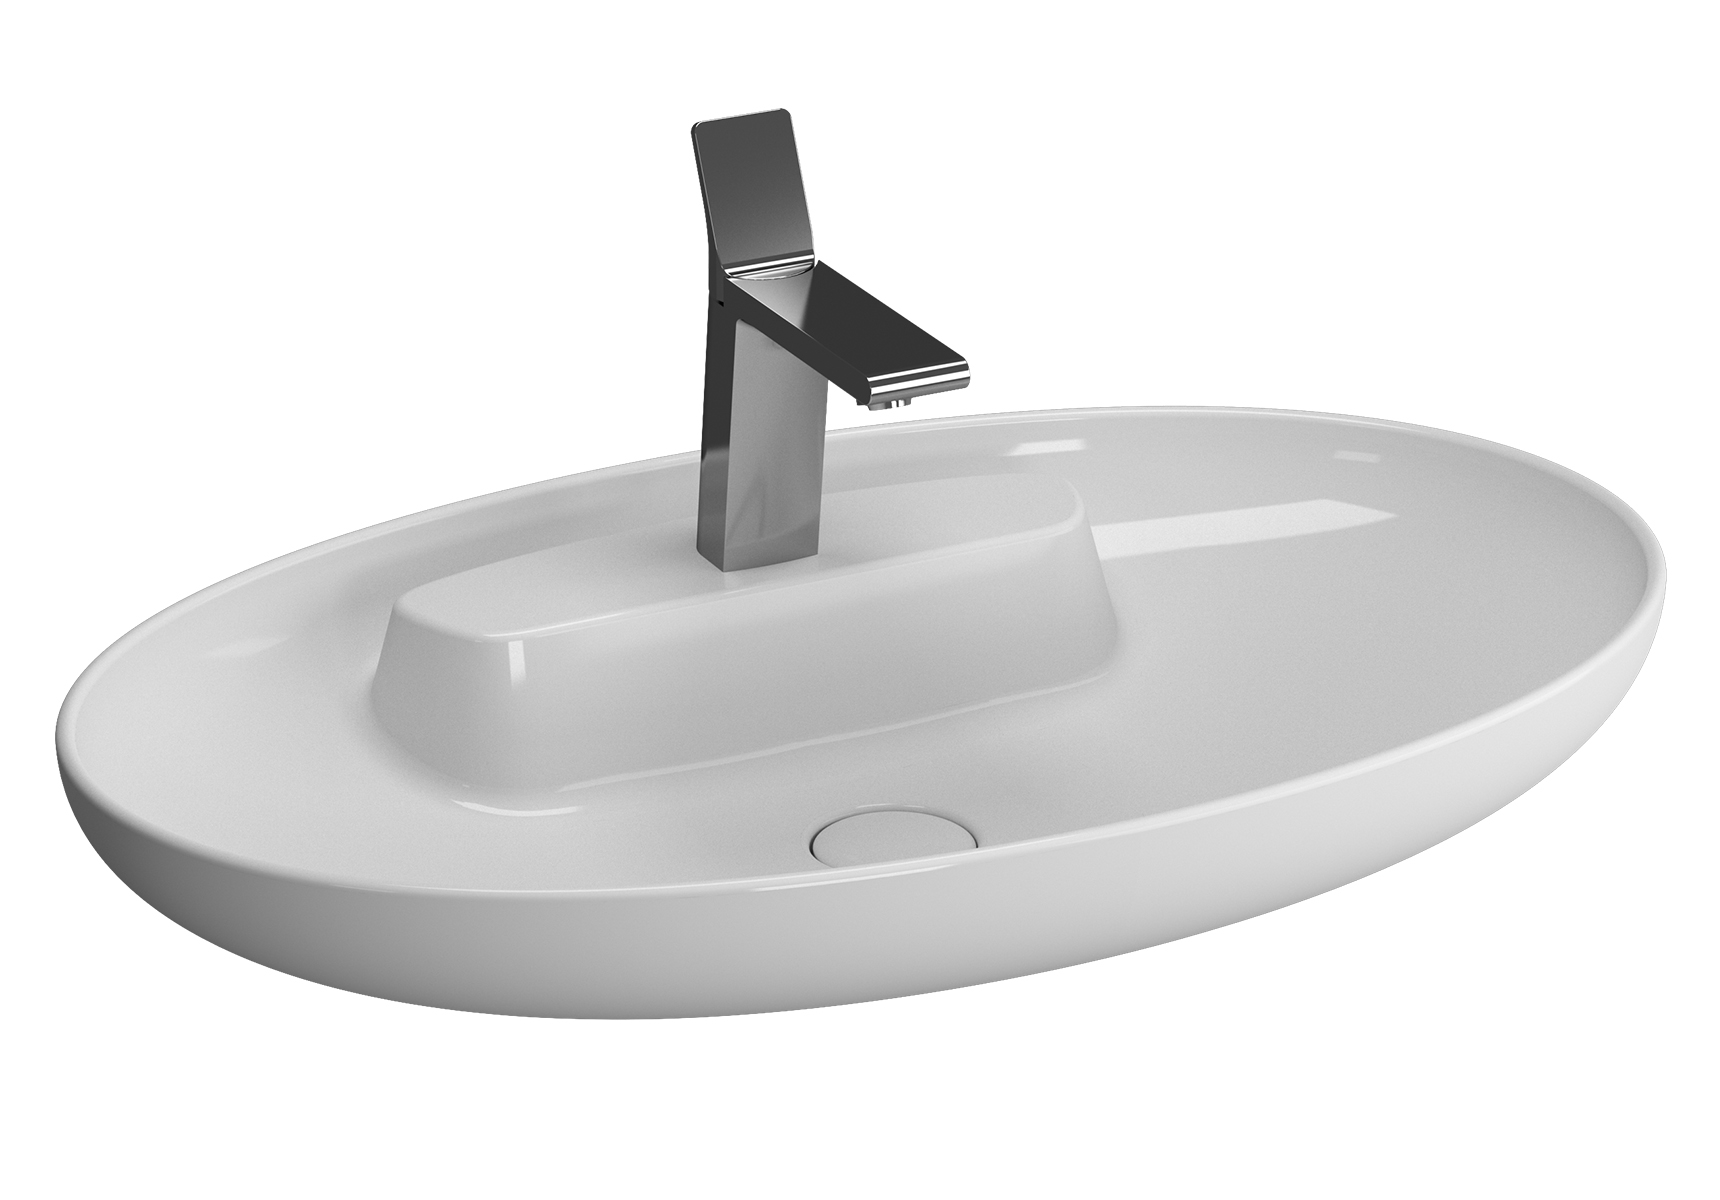 Memoria Black Aufsatzwaschtisch, oval, 75 cm, Weiß